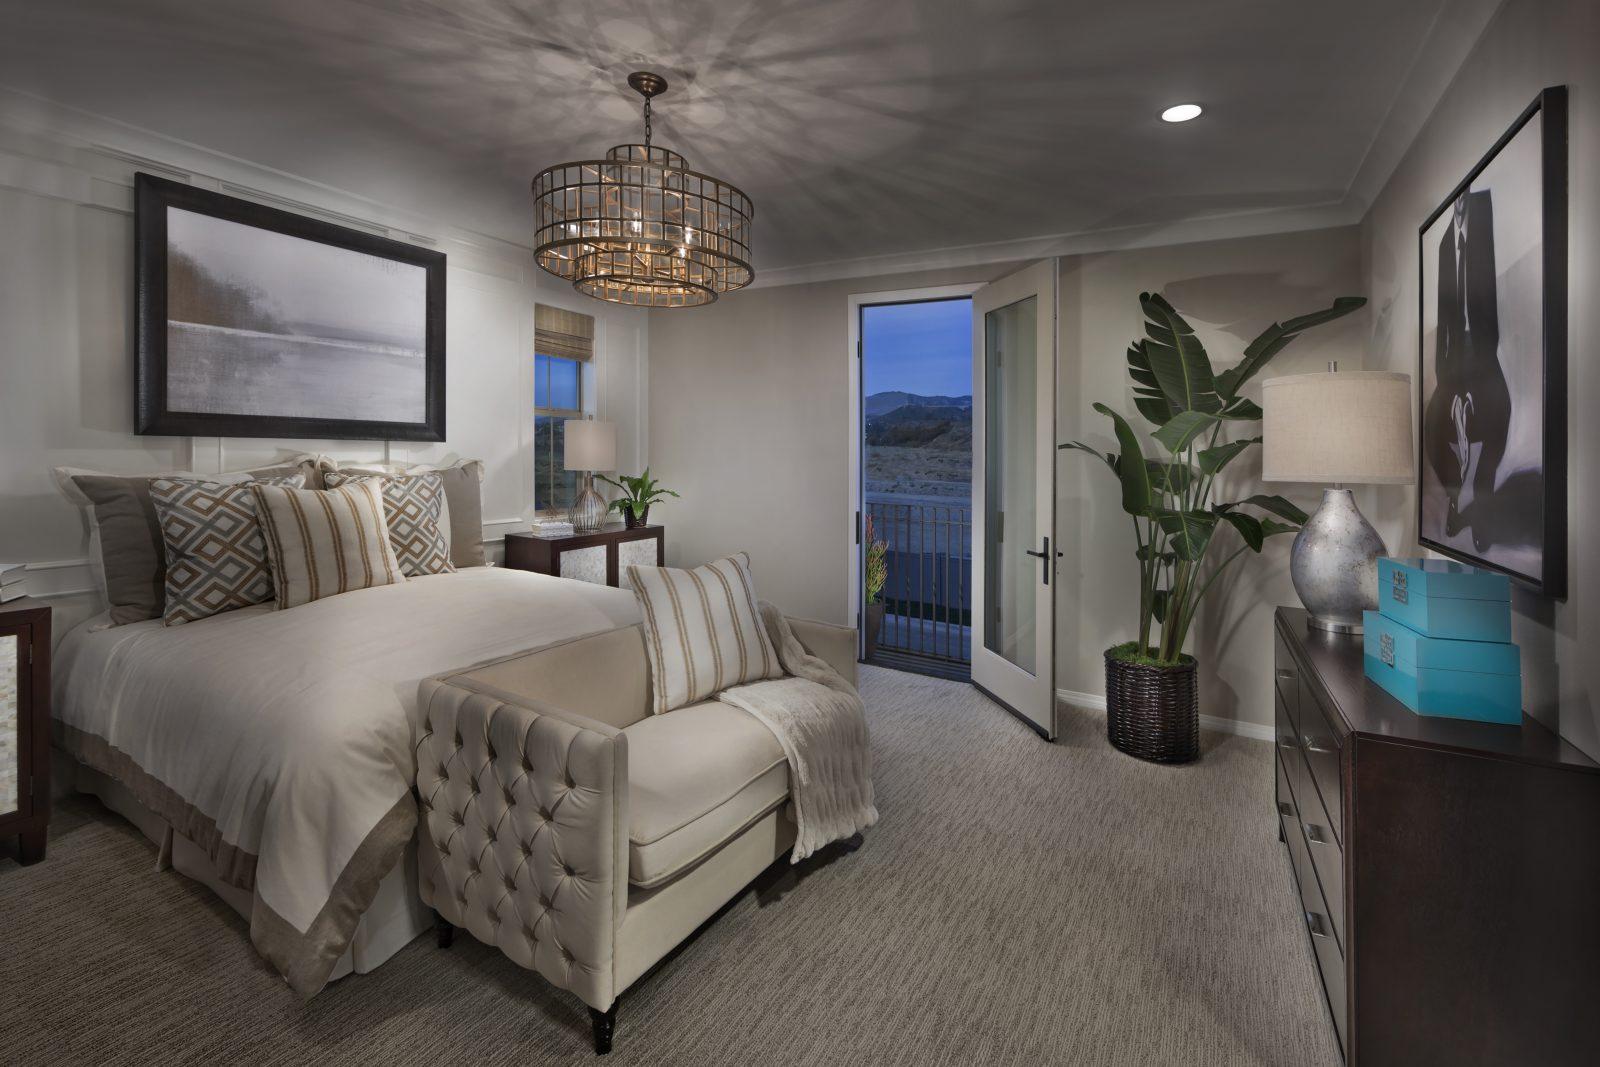 Residence 3 Legado At Portola Springs In Irvine